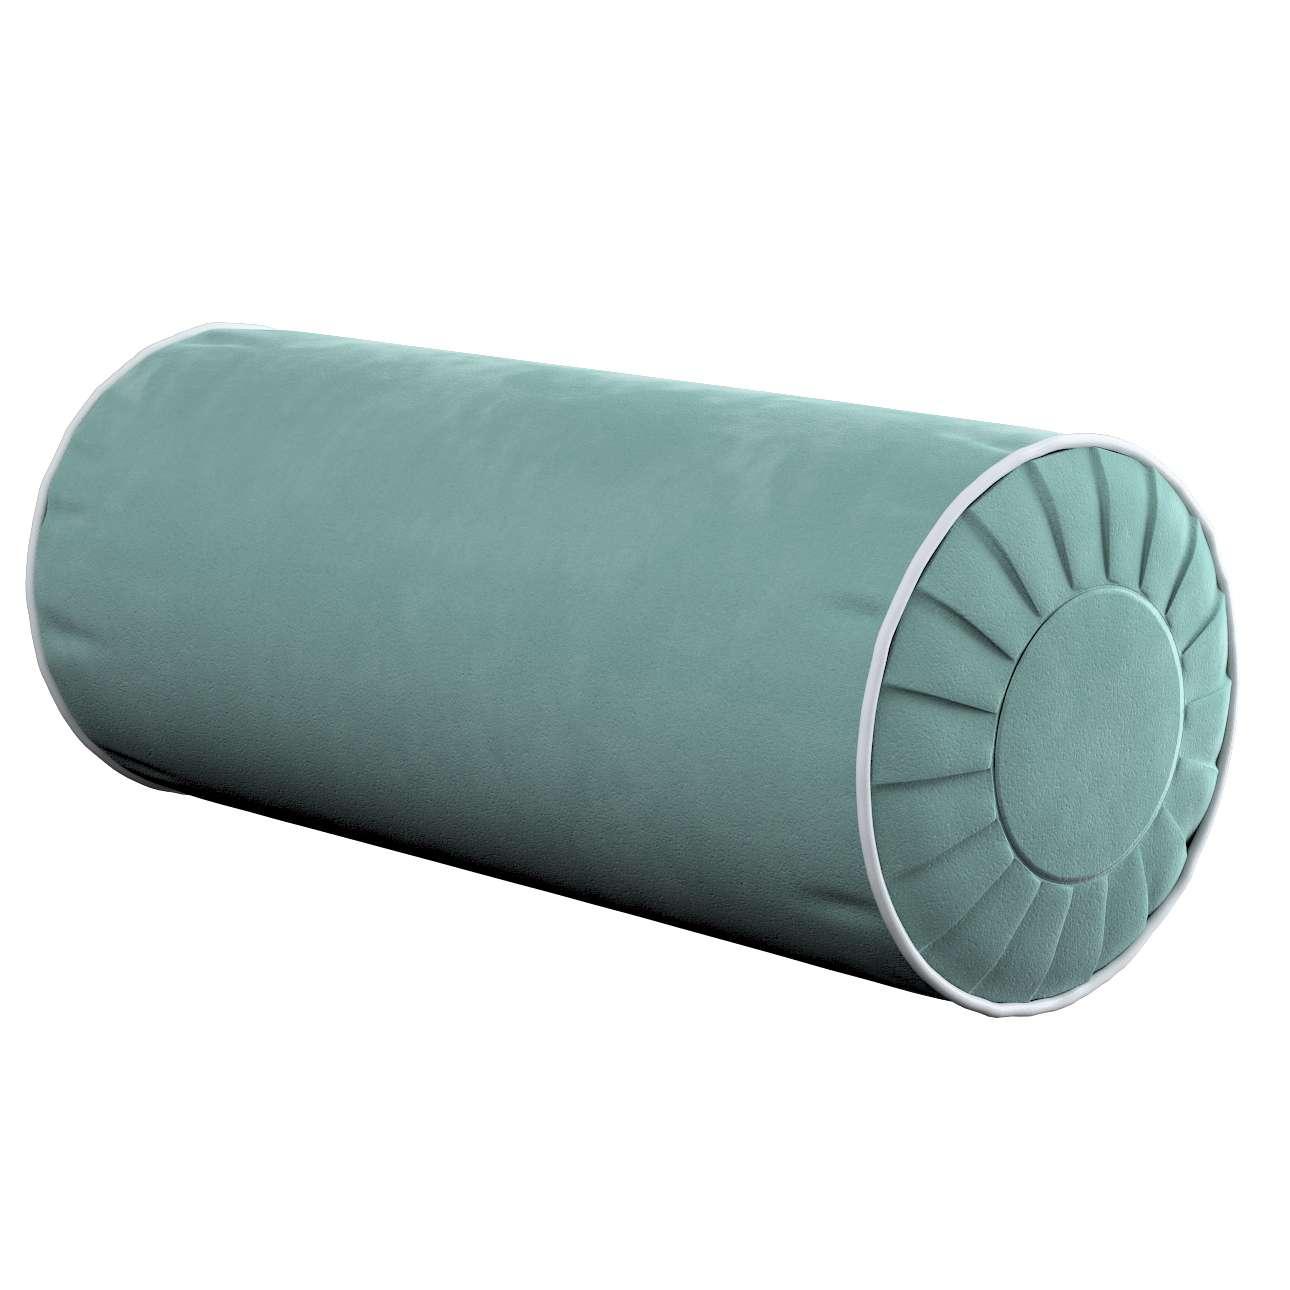 Yoga rolkussen met ingewerkte lus van de collectie Velvet, Stof: 704-18